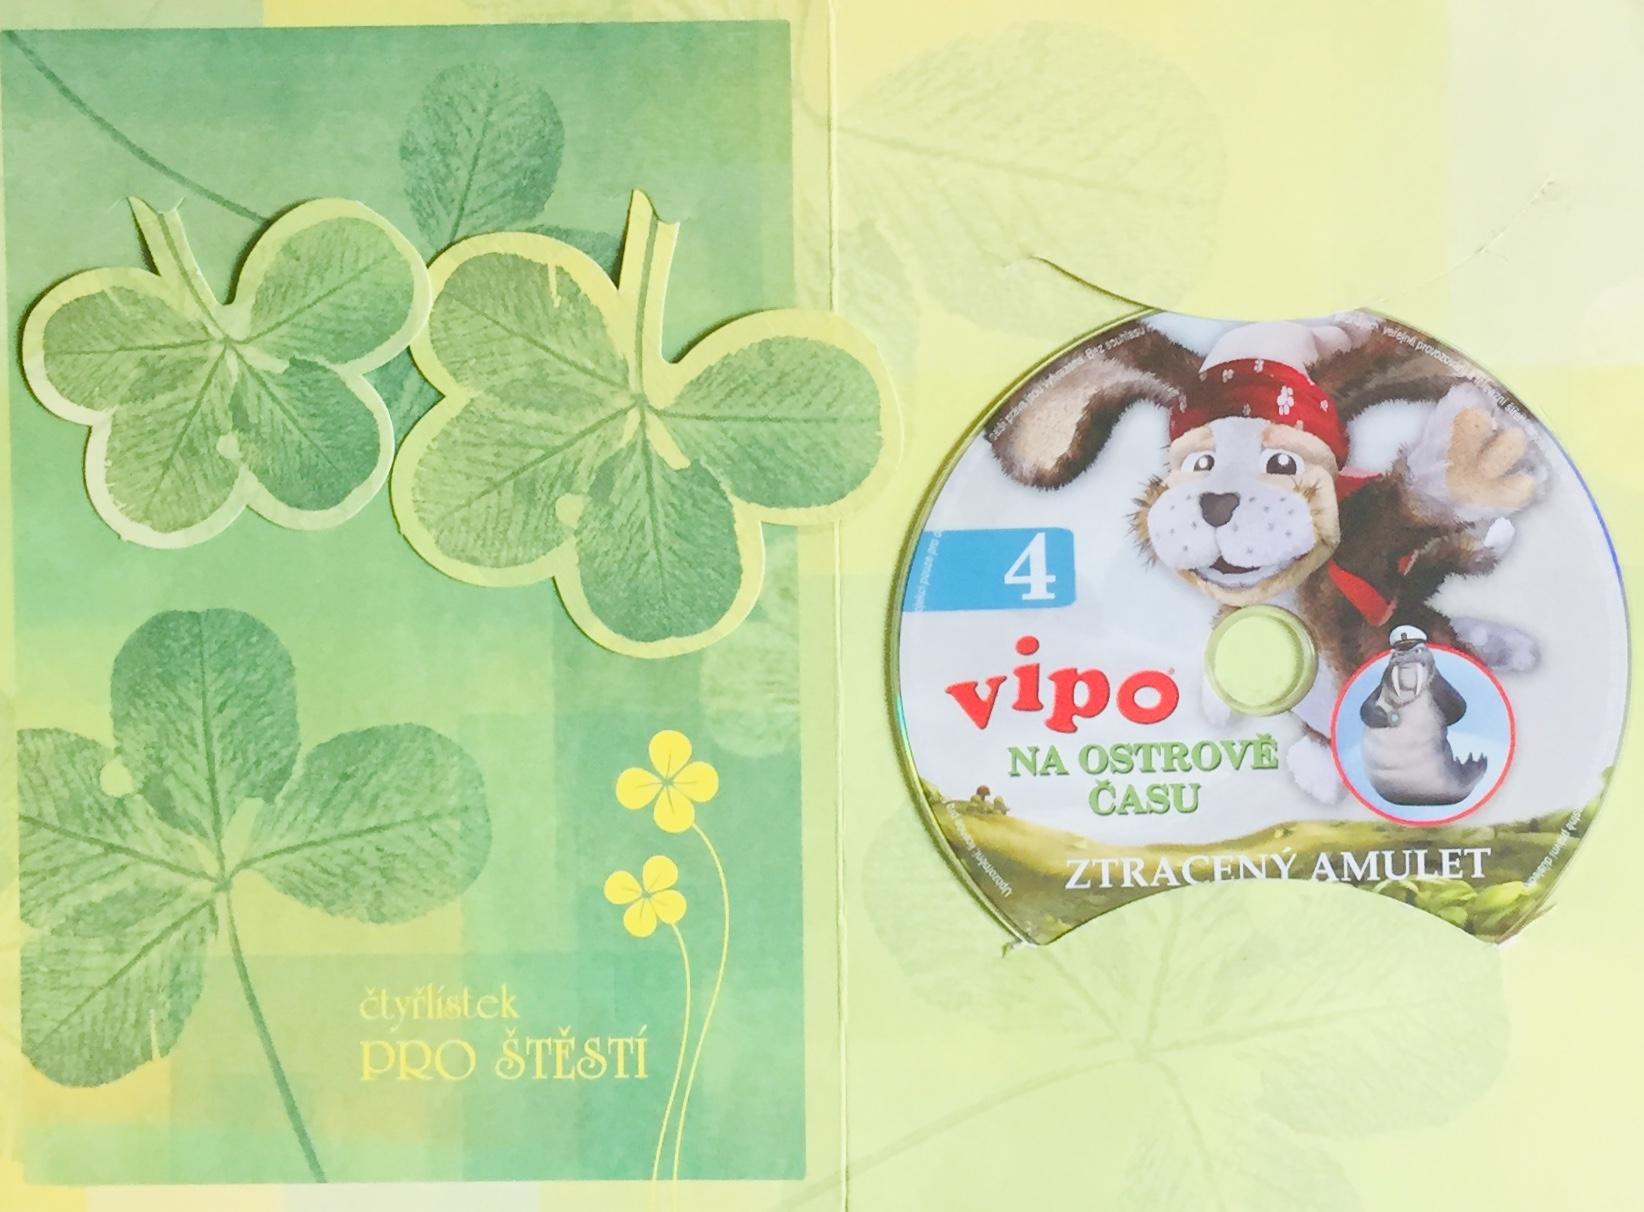 Vipo 4 - Na ostrově času - Ztracený amulet - DVD /dárkový obal/